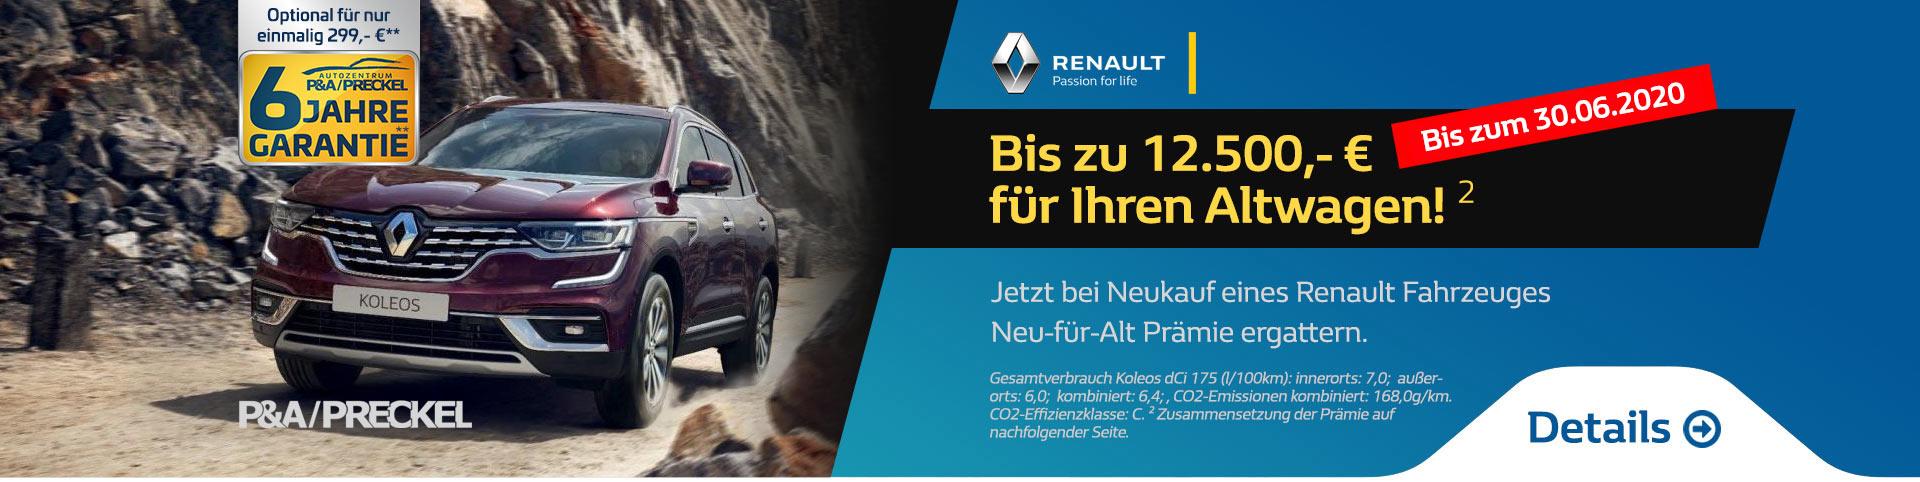 Renault Neu-für-Alt Prämie